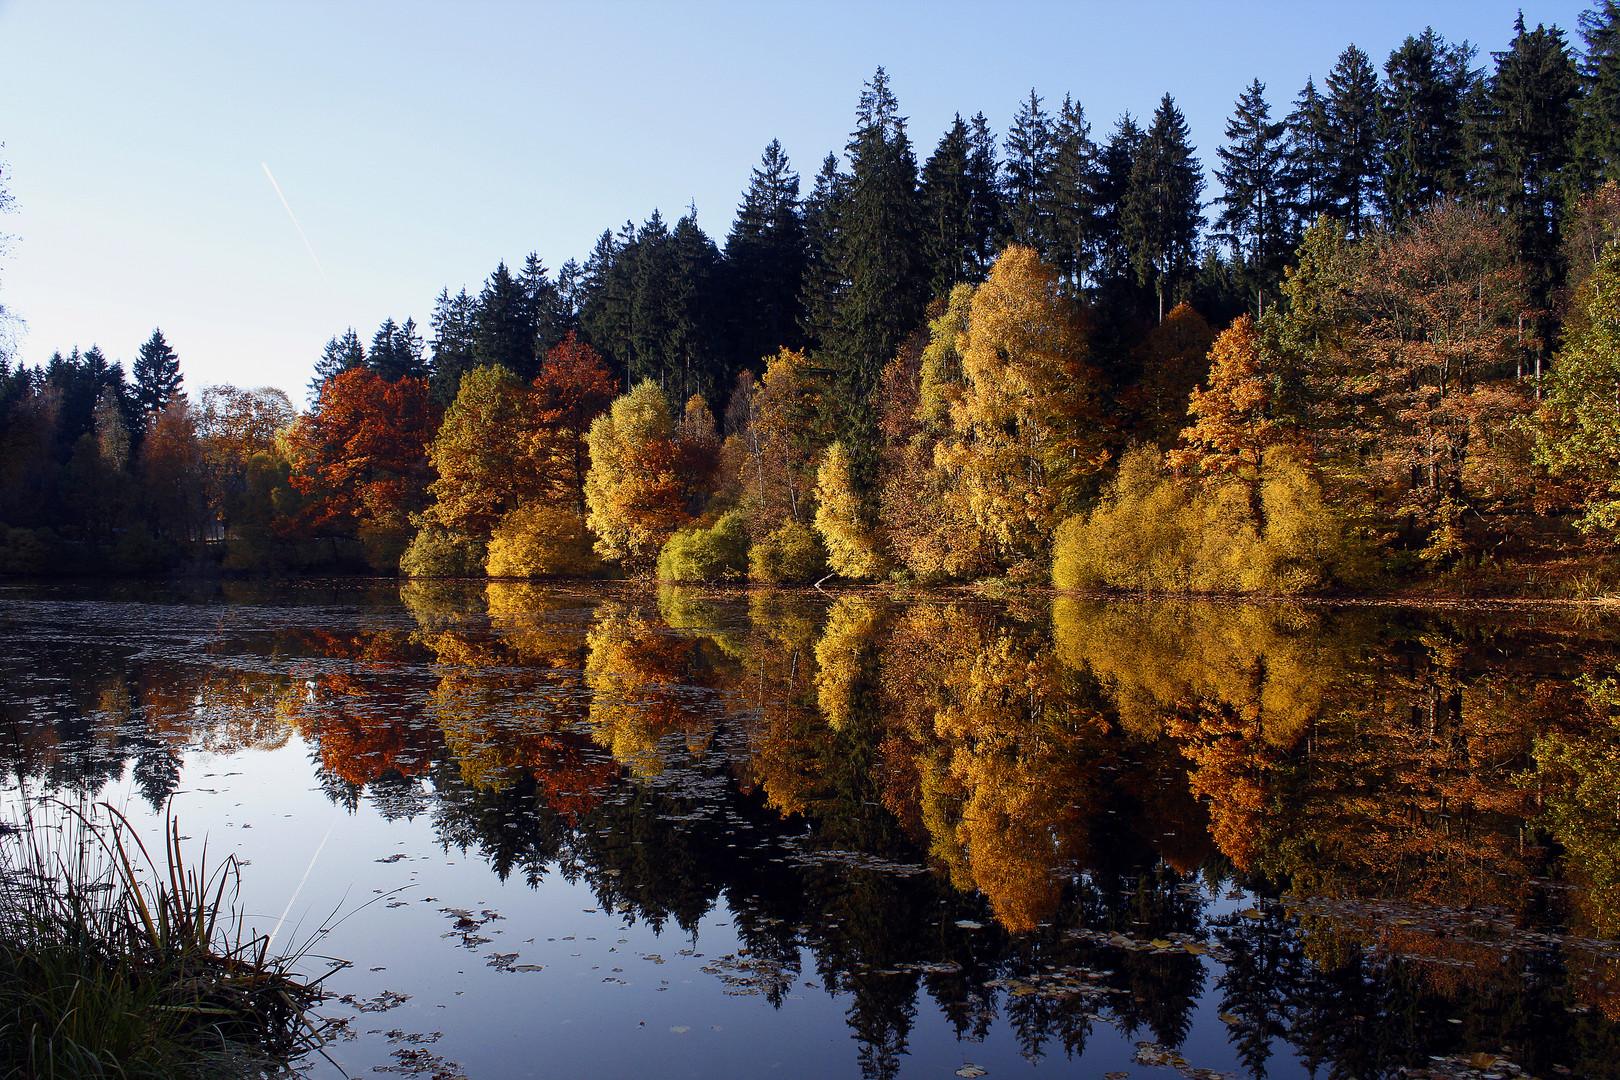 Herbst - Impressionen